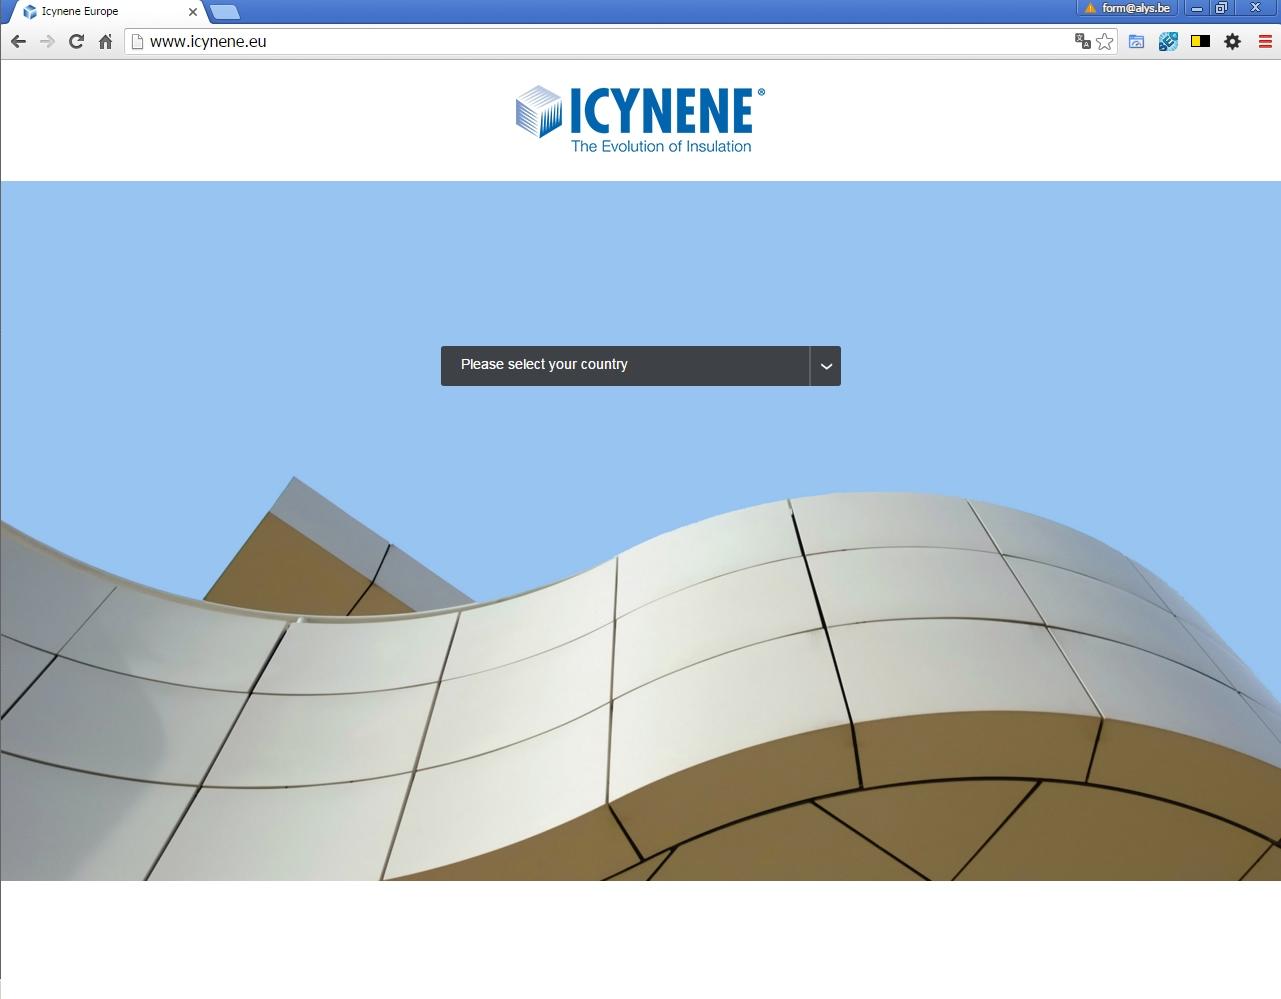 ALYS projet - Icynene